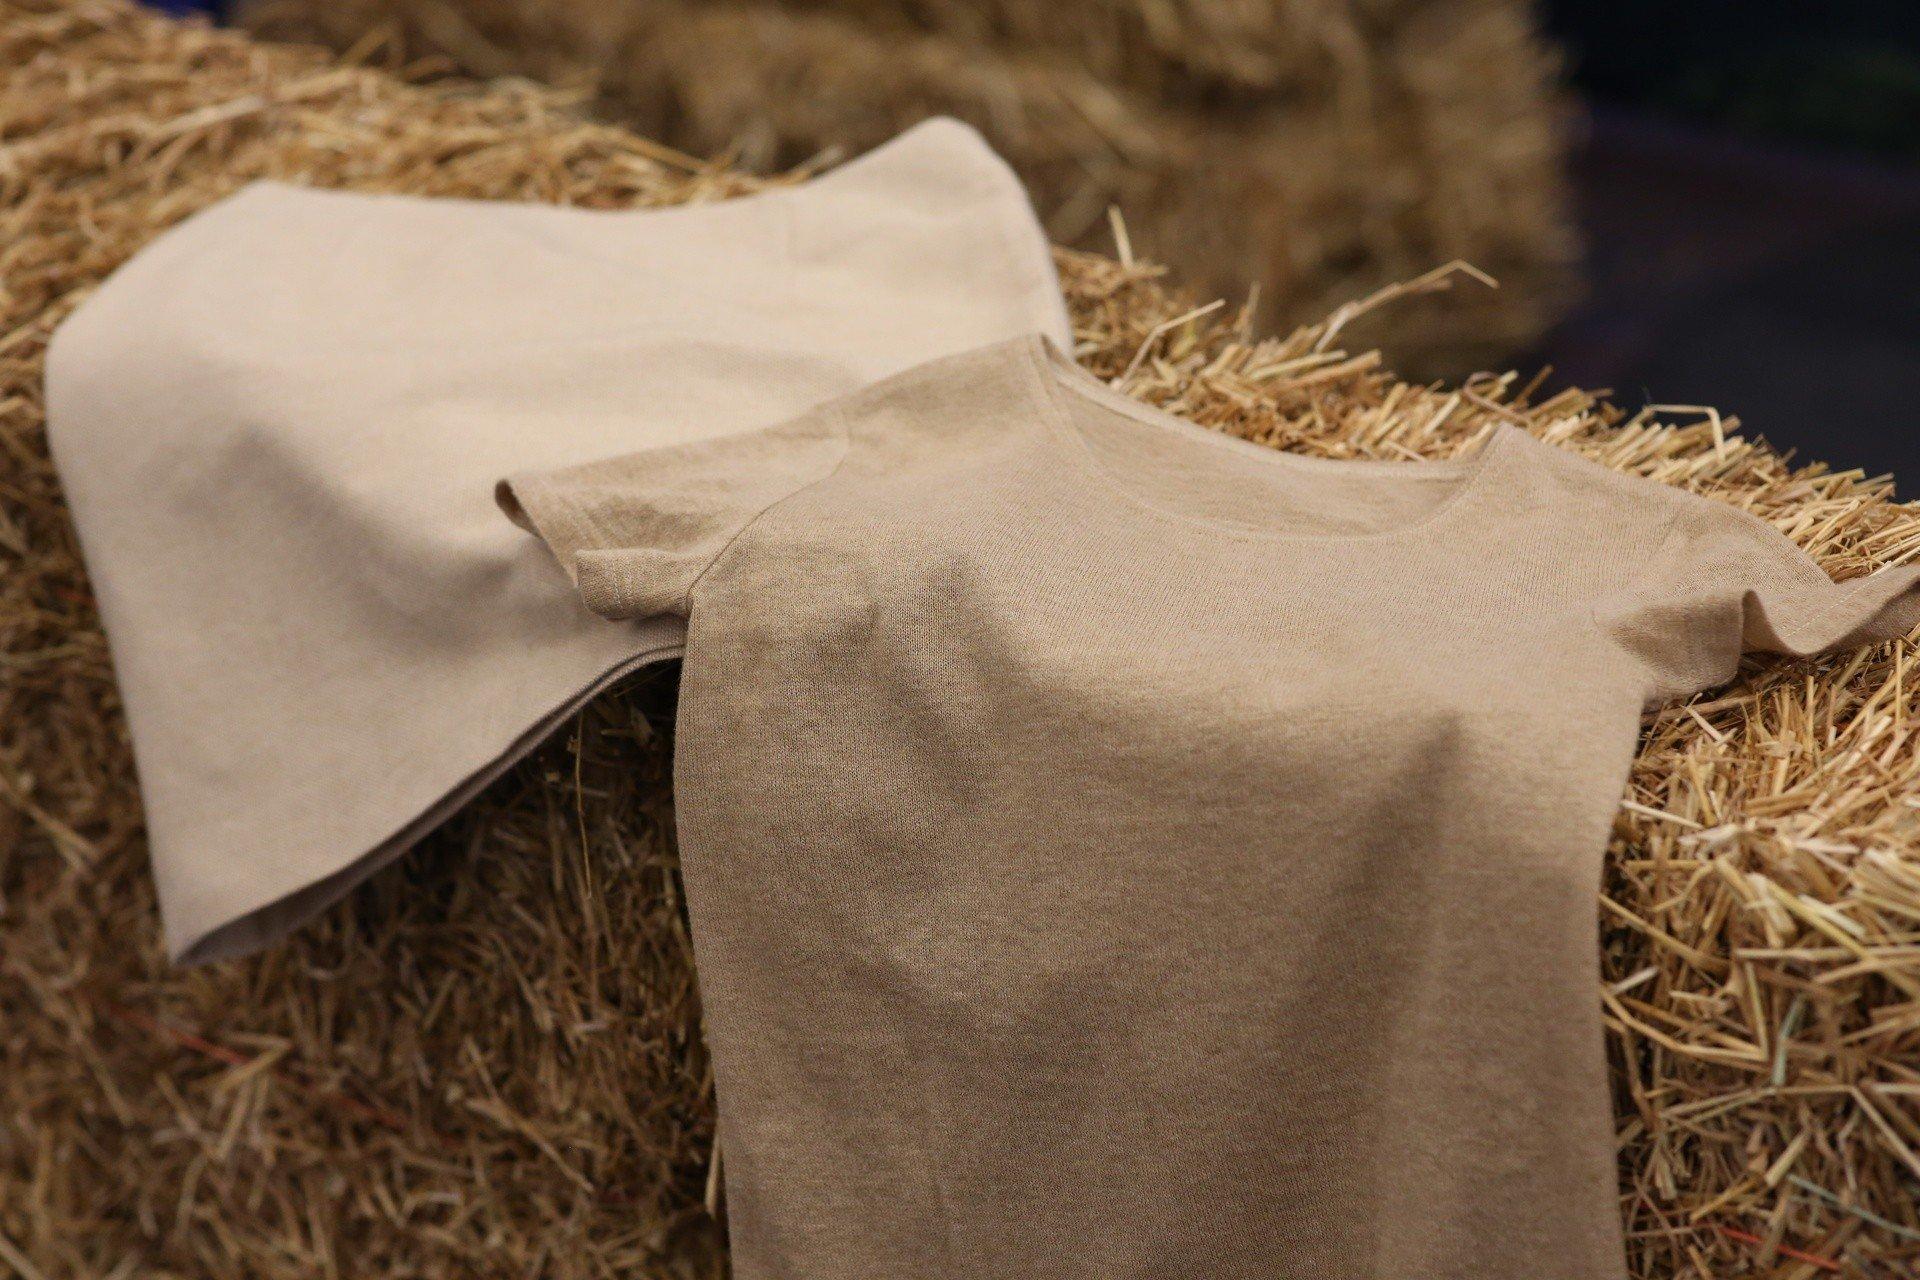 Ubrania Ze Slomy Pszennej Kurtka Spodnica I T Shirt Pierwszy Na Swiecie Ekologiczny Material Wykorzystujacy Slome Juz Jest Dostepny Dziennik Zachodni